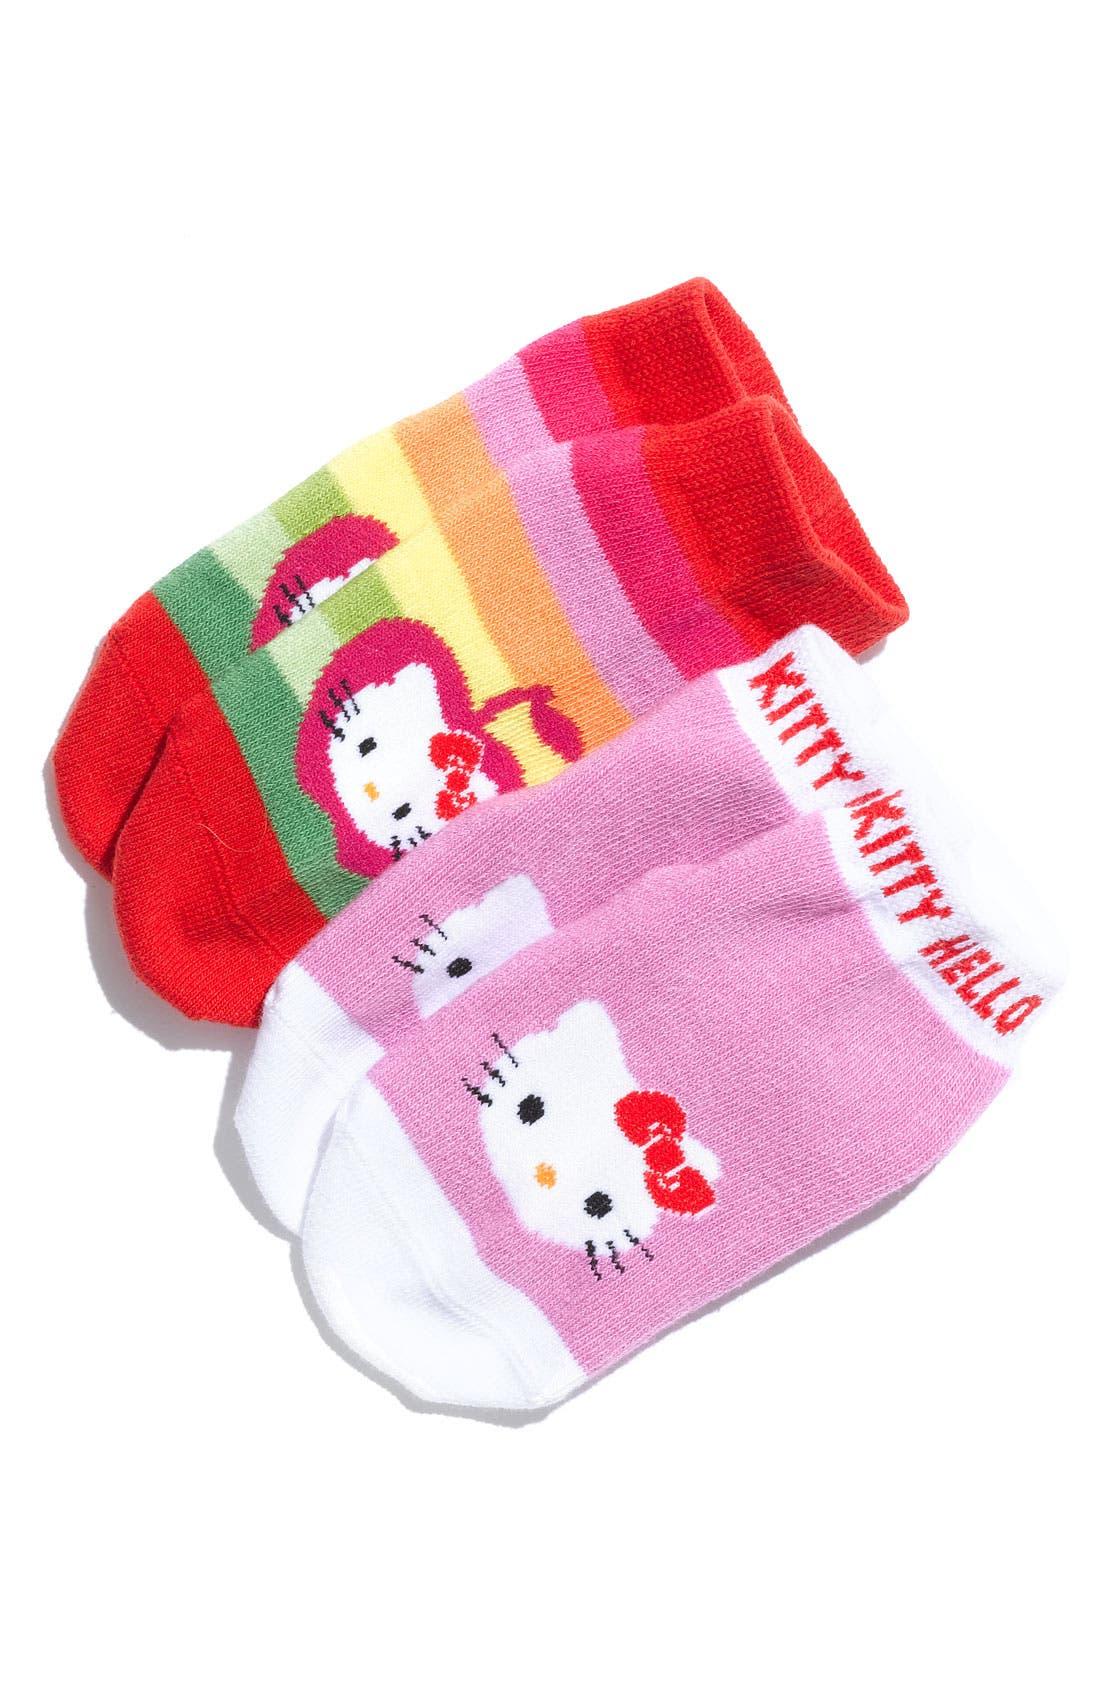 Alternate Image 1 Selected - BabyLegs® 'Hello Kitty® Apples and Bows' Socks (2-Pack) (Infant, Toddler & Little Girls)